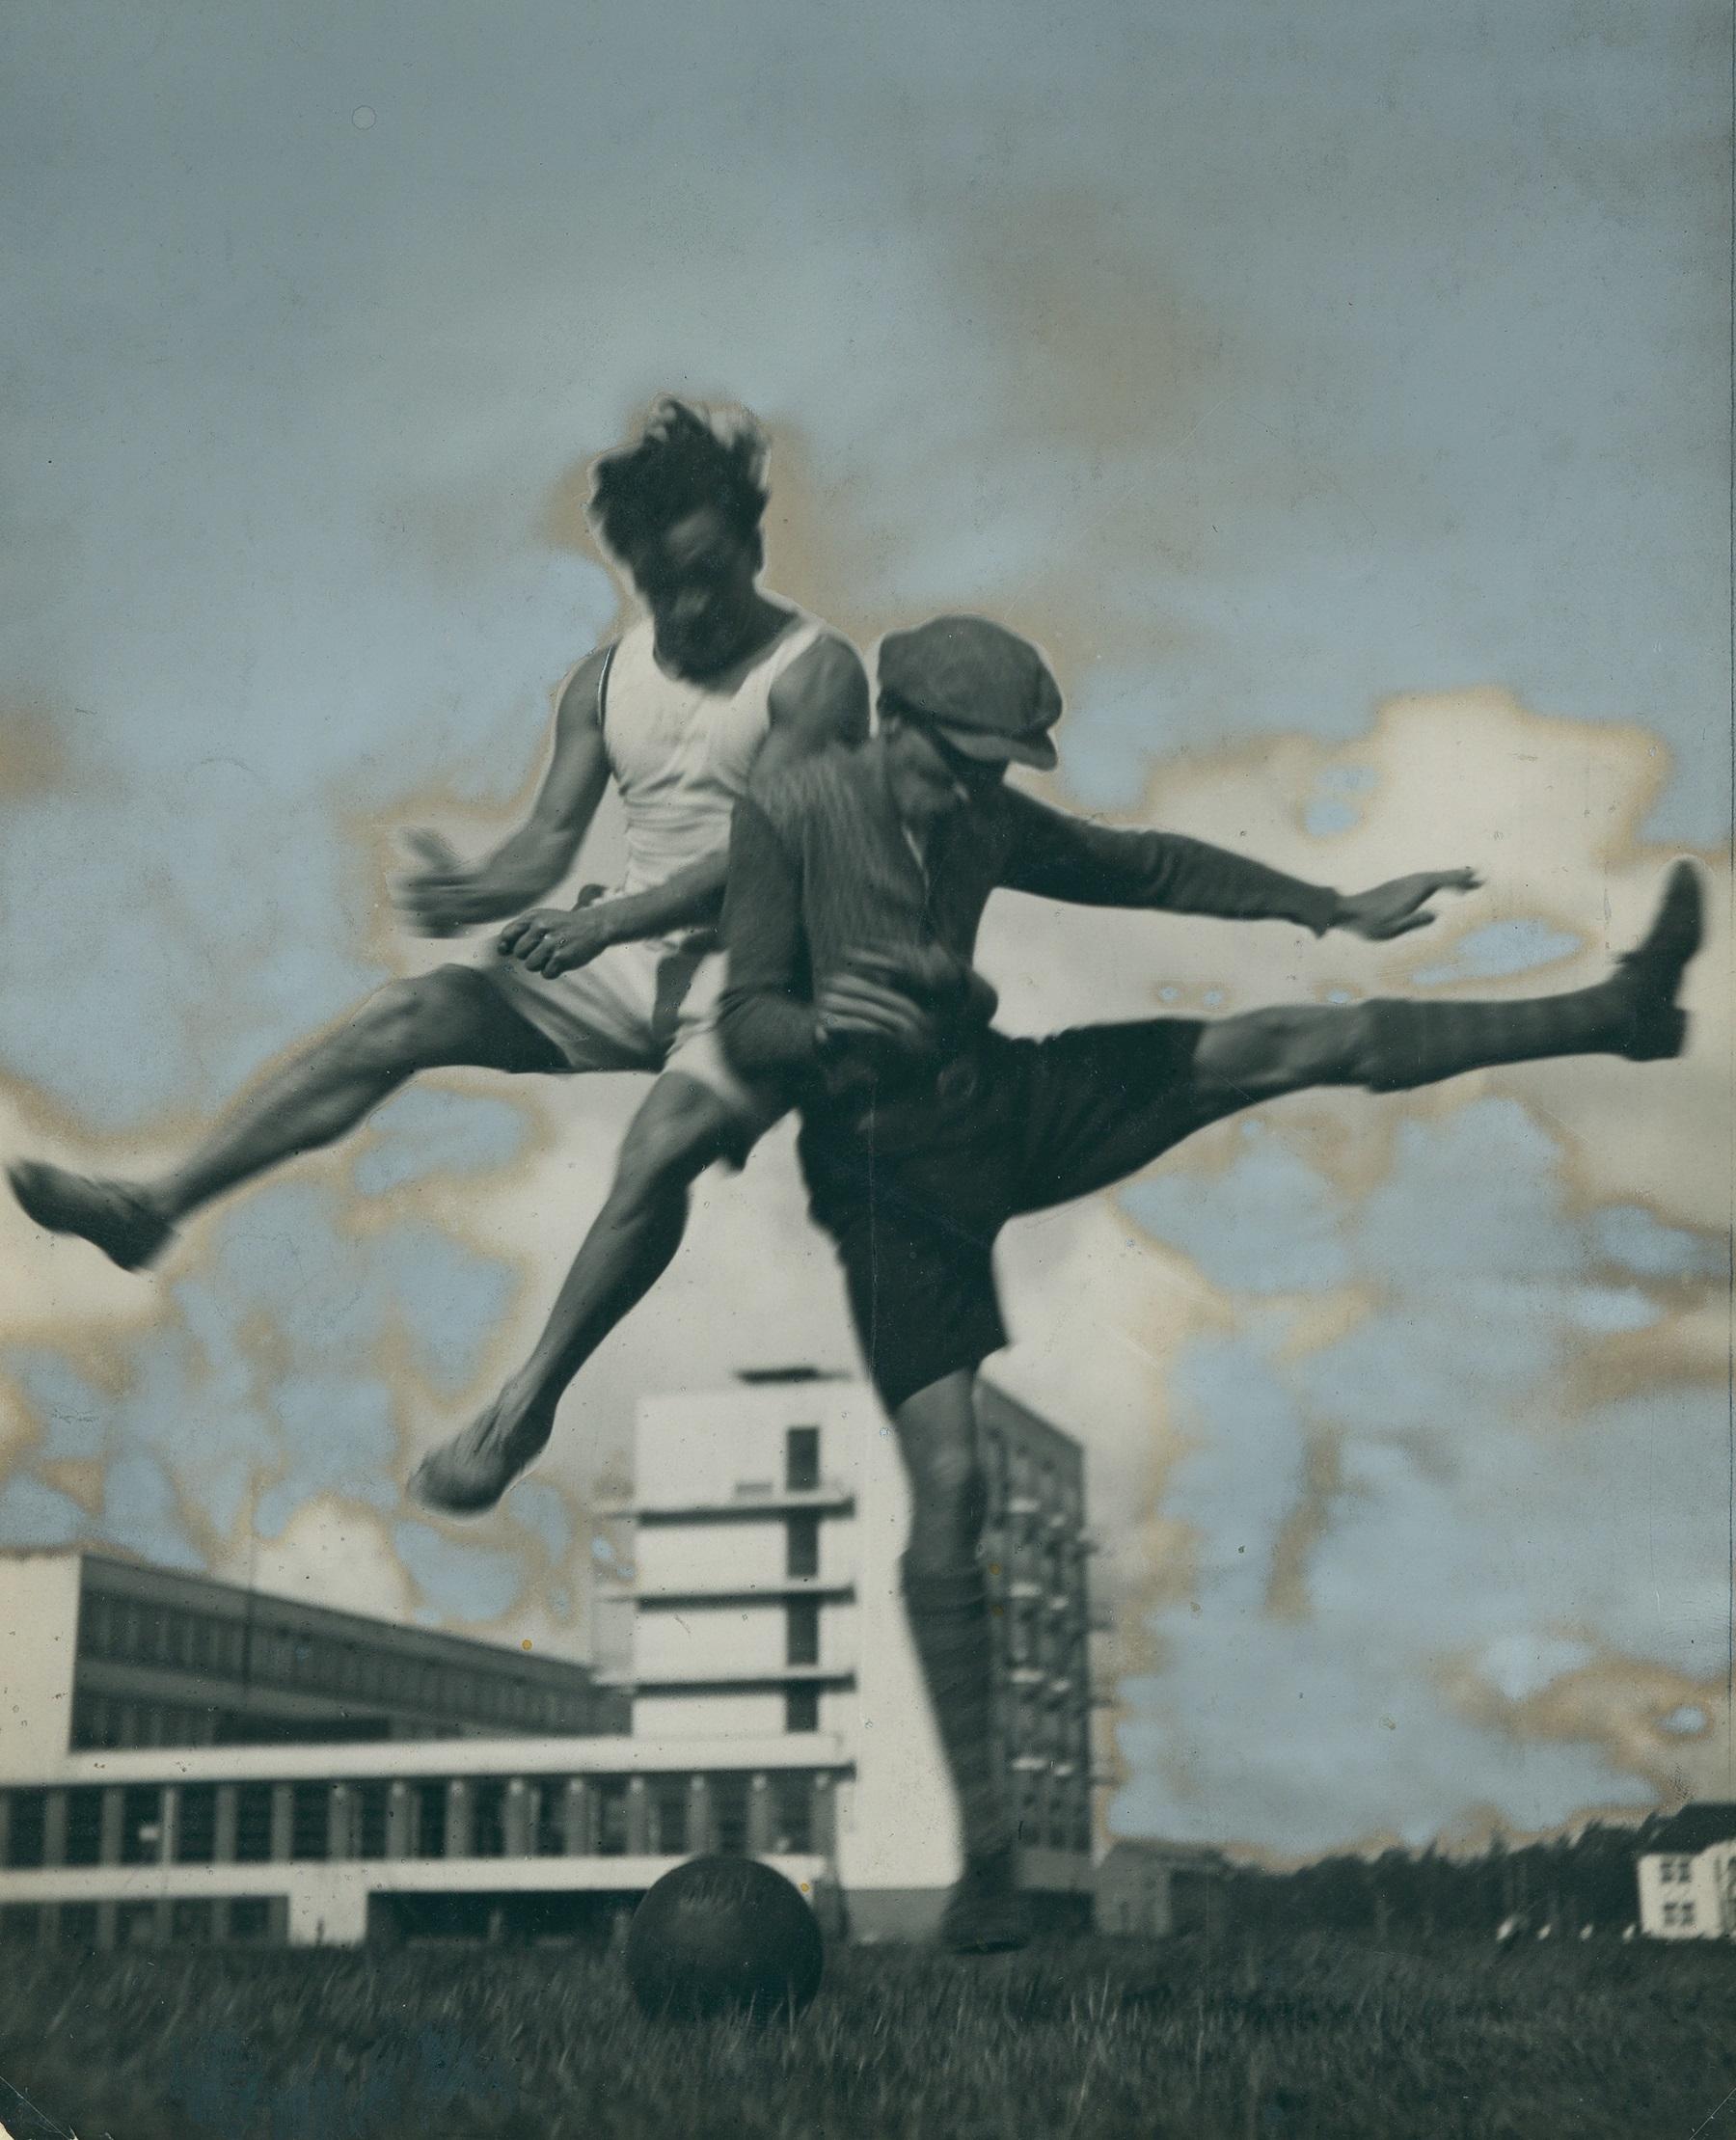 Dos miembros de la Bauhaus juegan al fútbol con la escuela al fondo. Xanti Schawinsky Estate/Nachlass Theodore Lux Feininger.